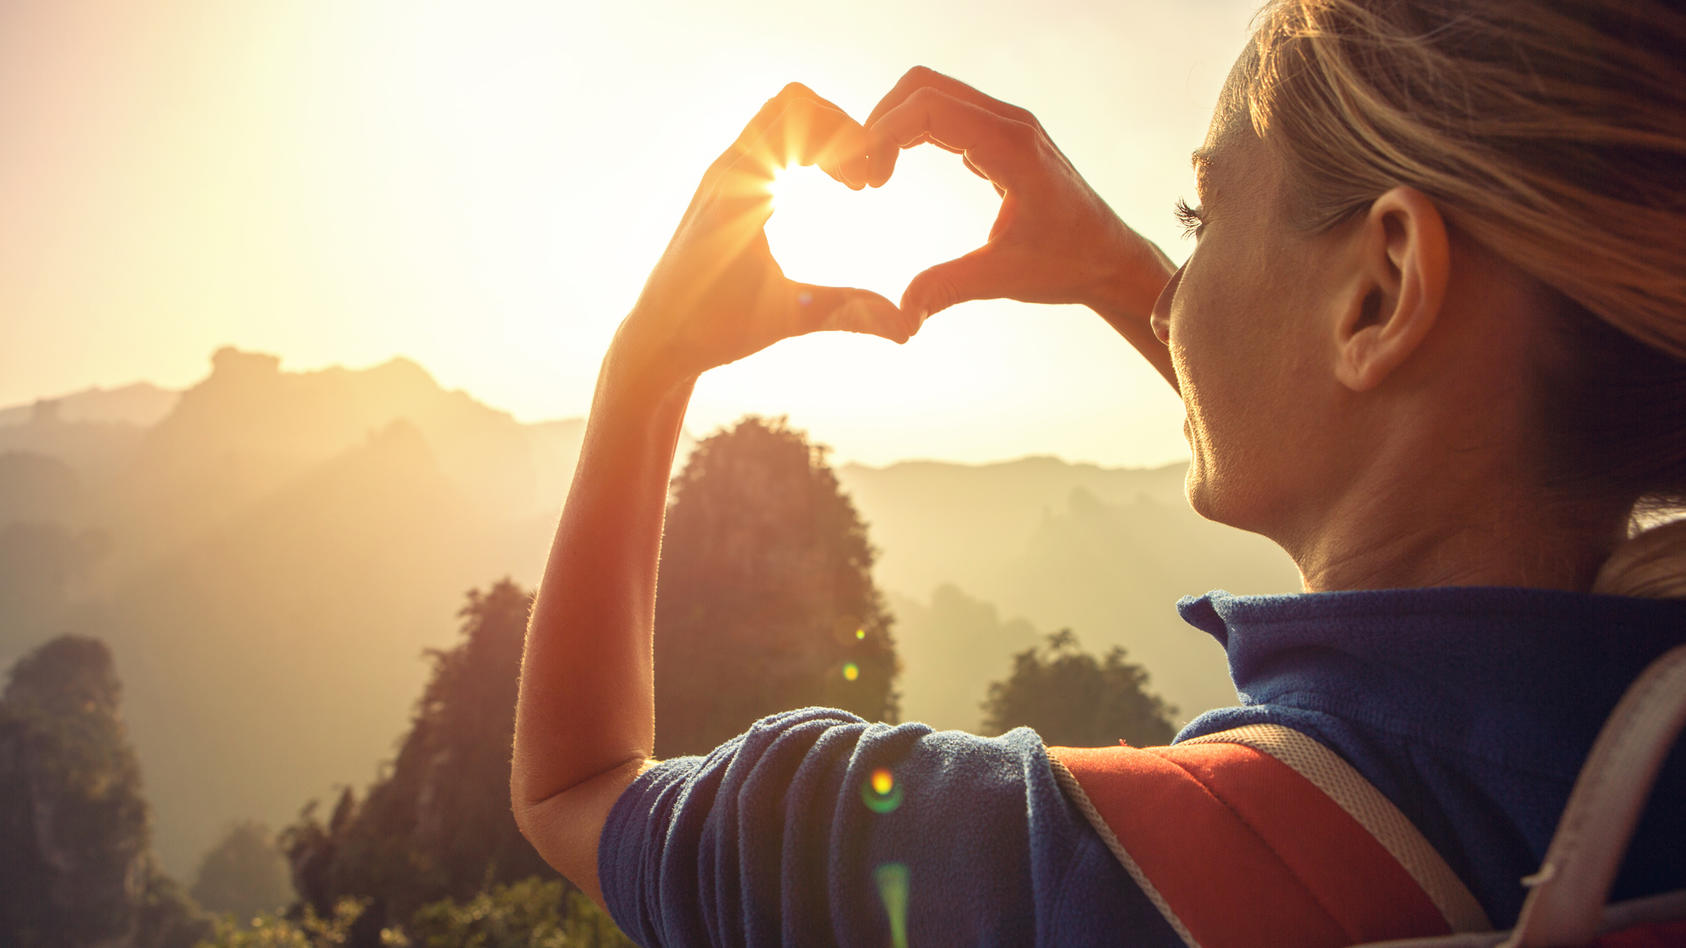 Wer seine Umwelt liebt, der sollte nachhaltig reisen.